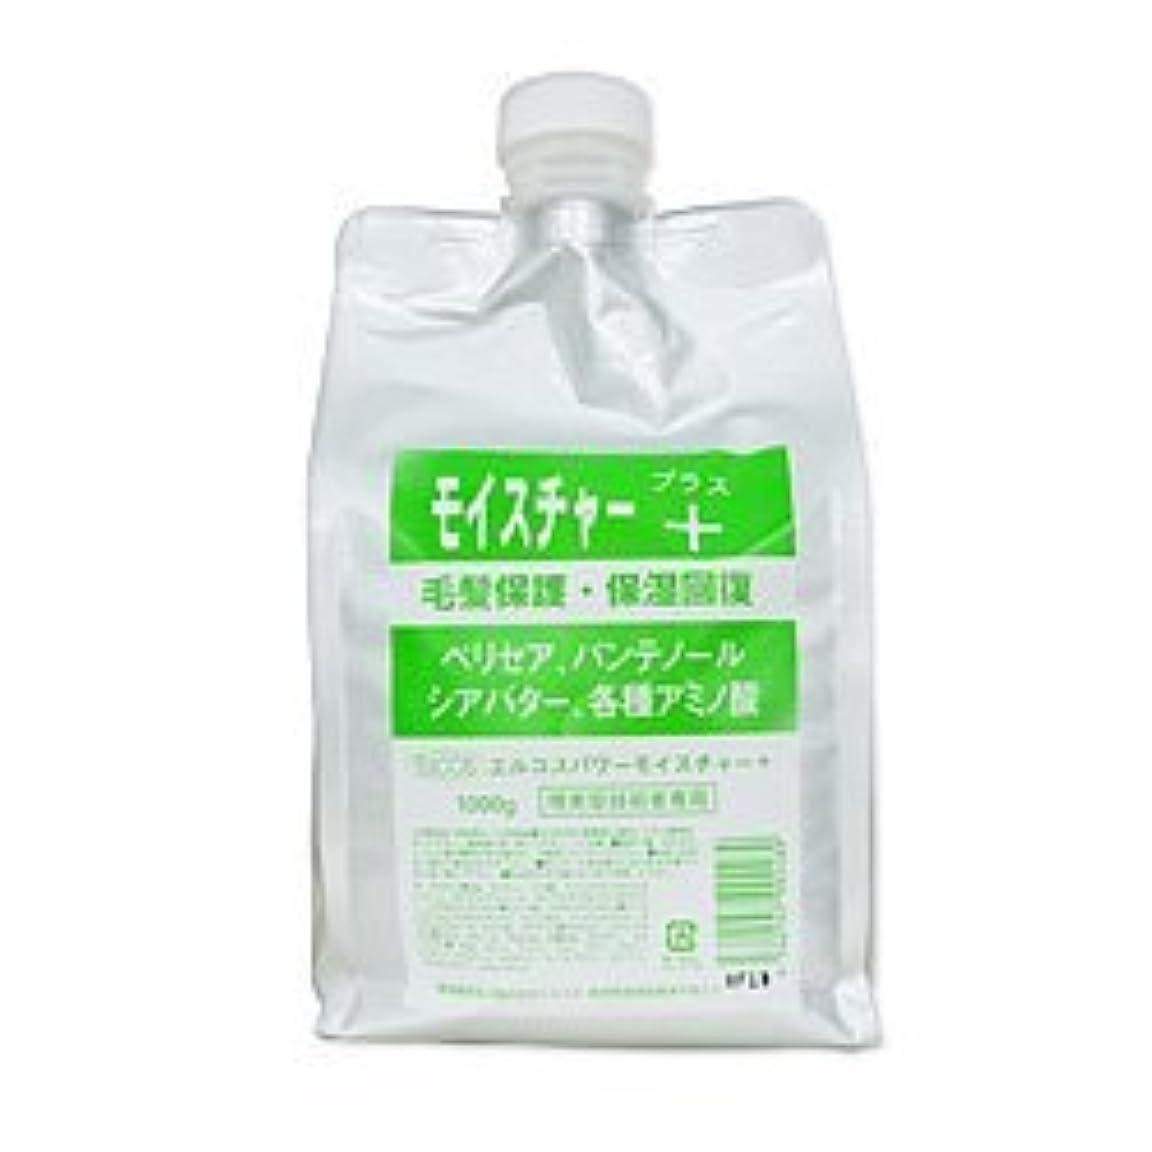 成分引き渡す蓮エルコス パワー モイスチャー+ 1000g(詰替用)(トリートメント)